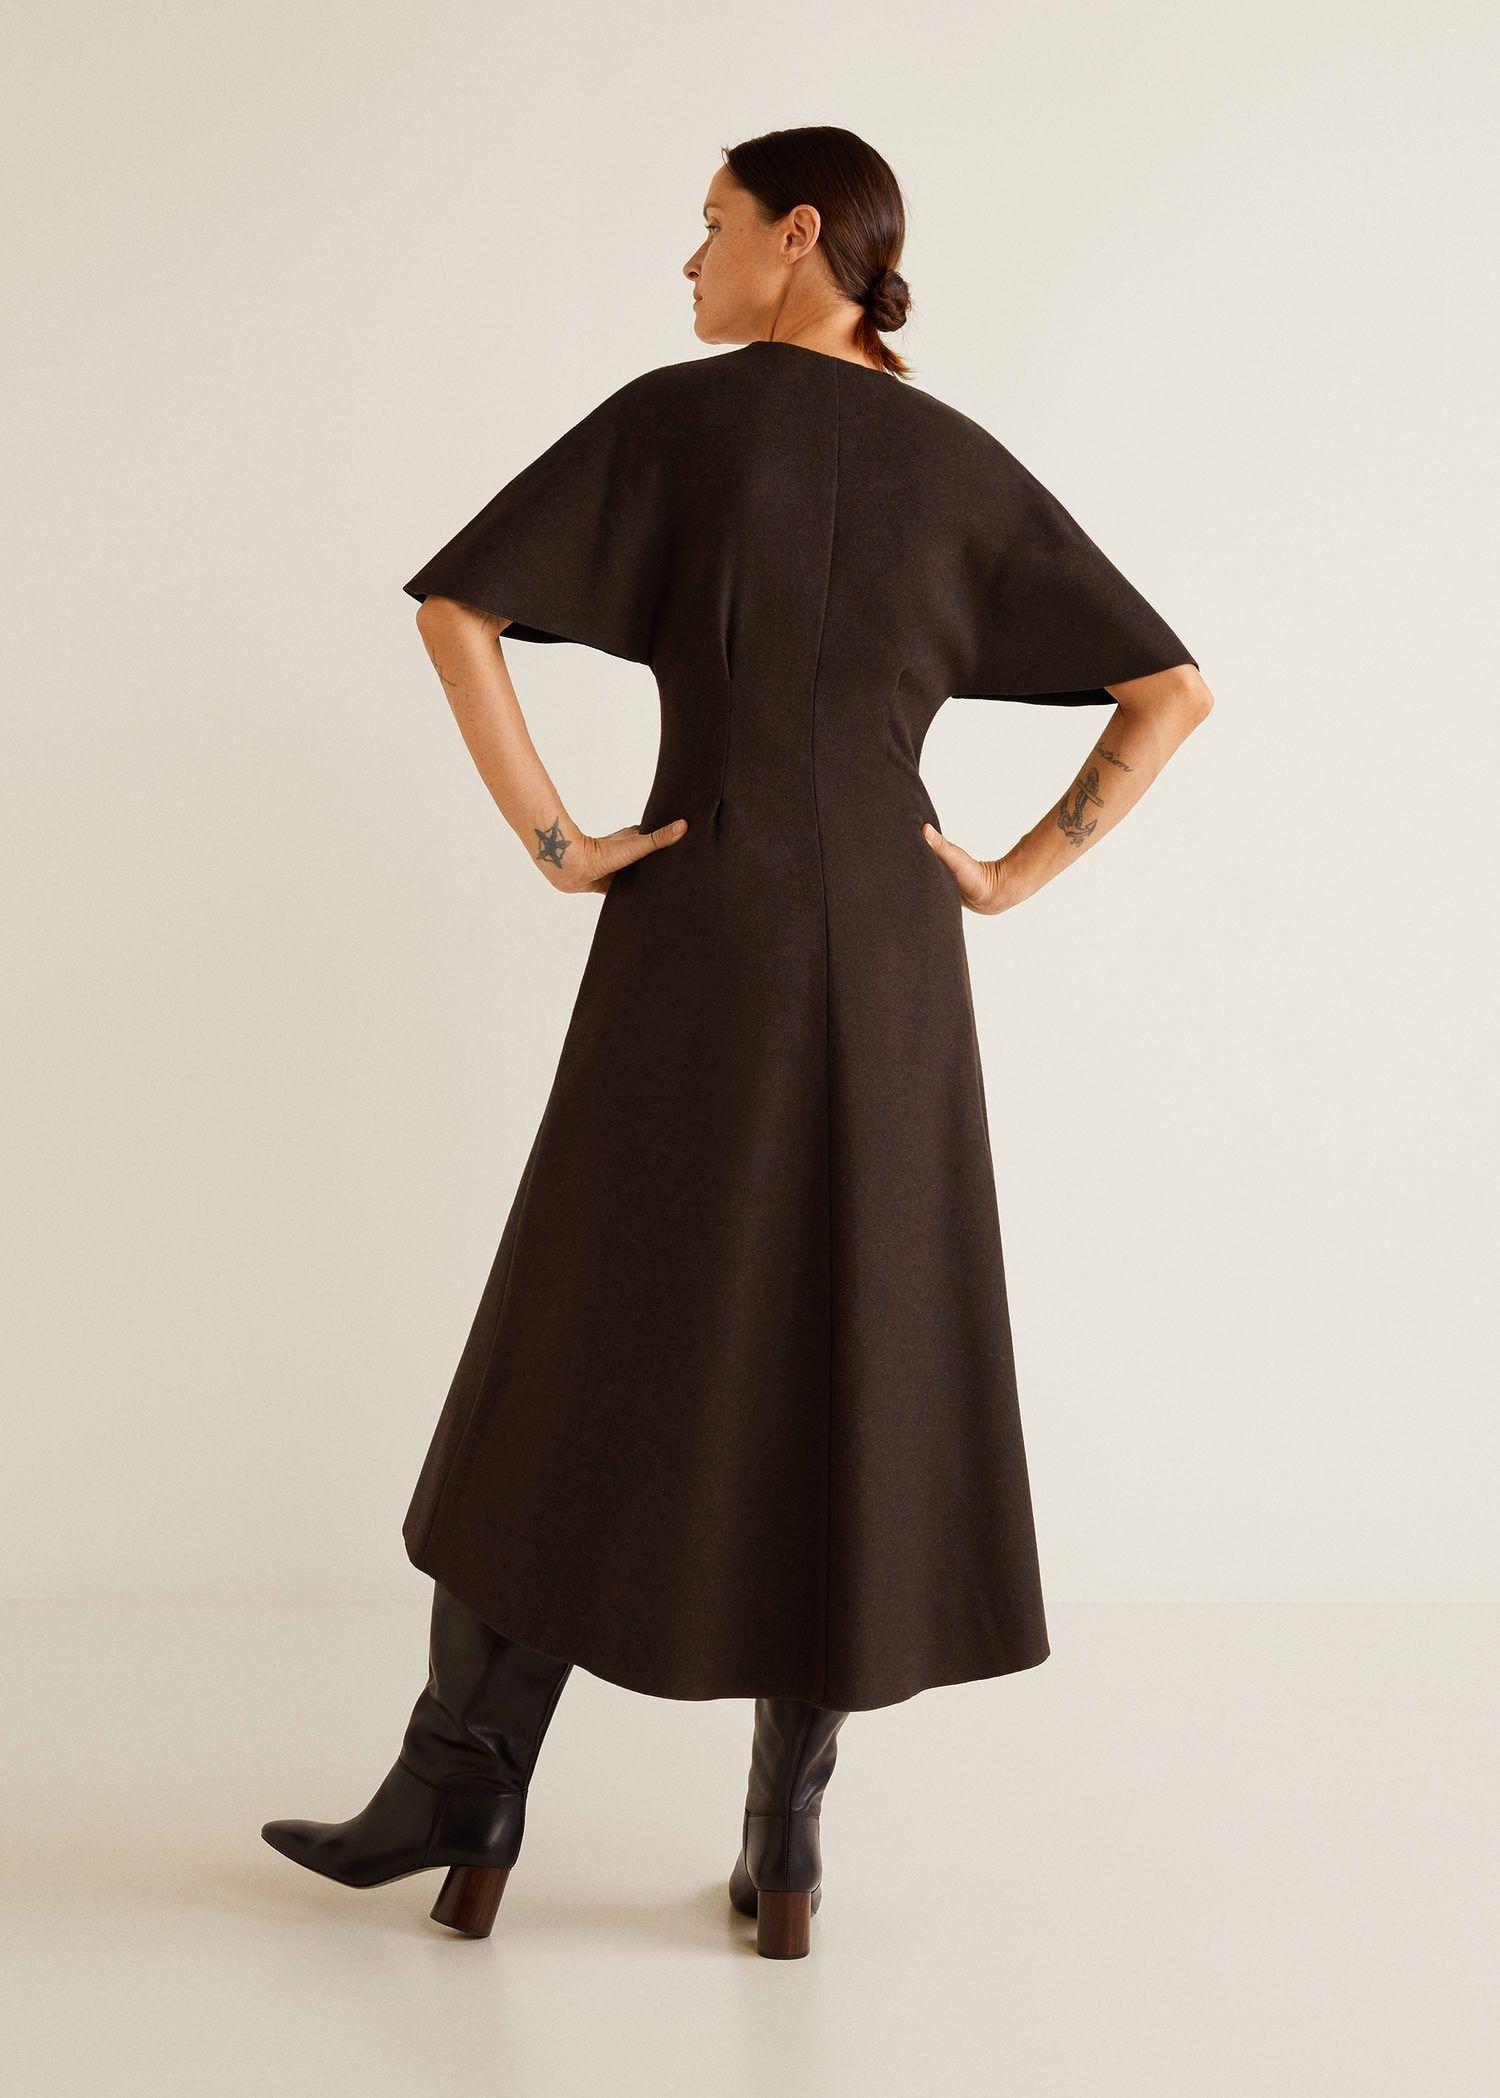 Recycled wool dress  Mode inspo, Wollkleid, Modestil